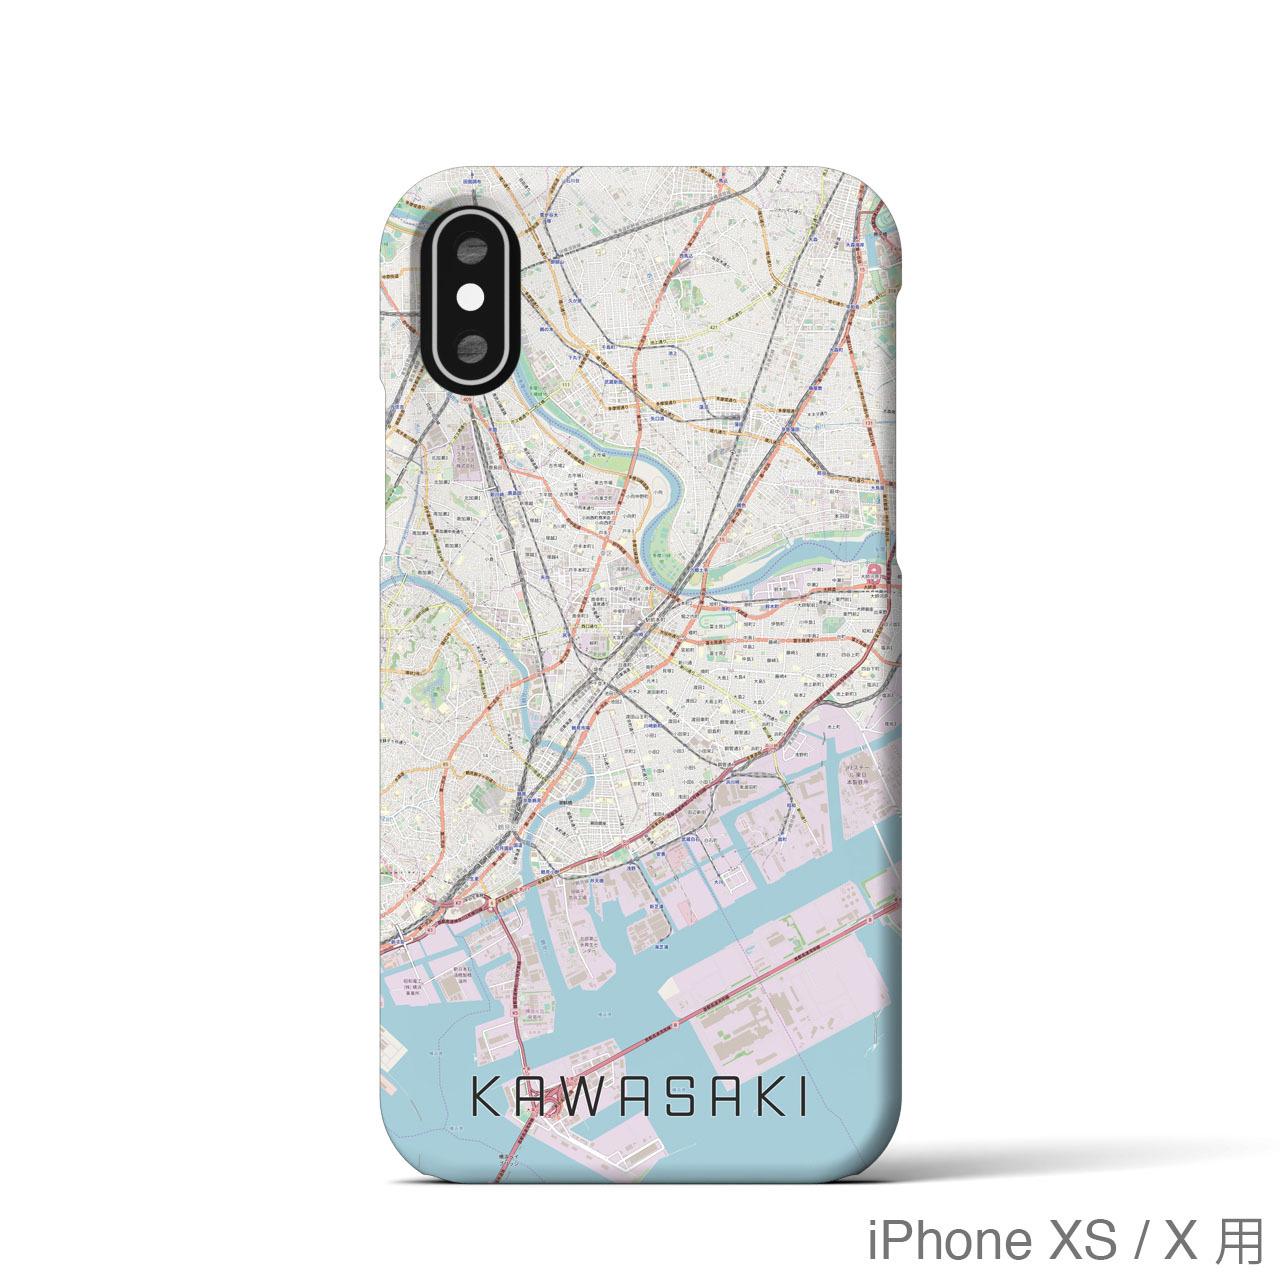 【川崎】地図柄iPhoneケース(バックカバータイプ・ナチュラル)